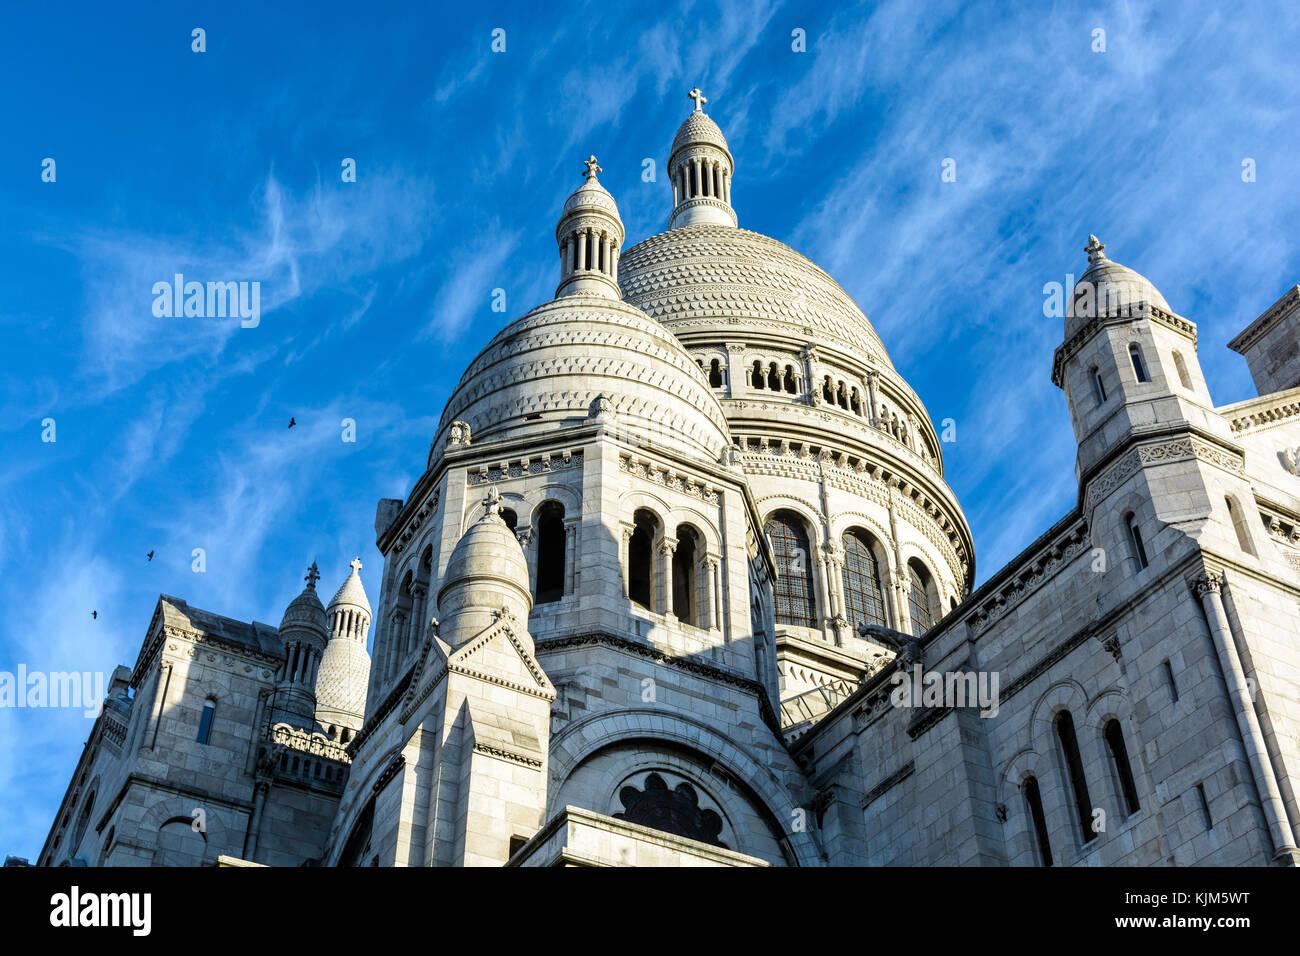 Di tre quarti anteriore vista dal di sotto della cupola della basilica del Sacro Cuore di Parigi. Immagini Stock